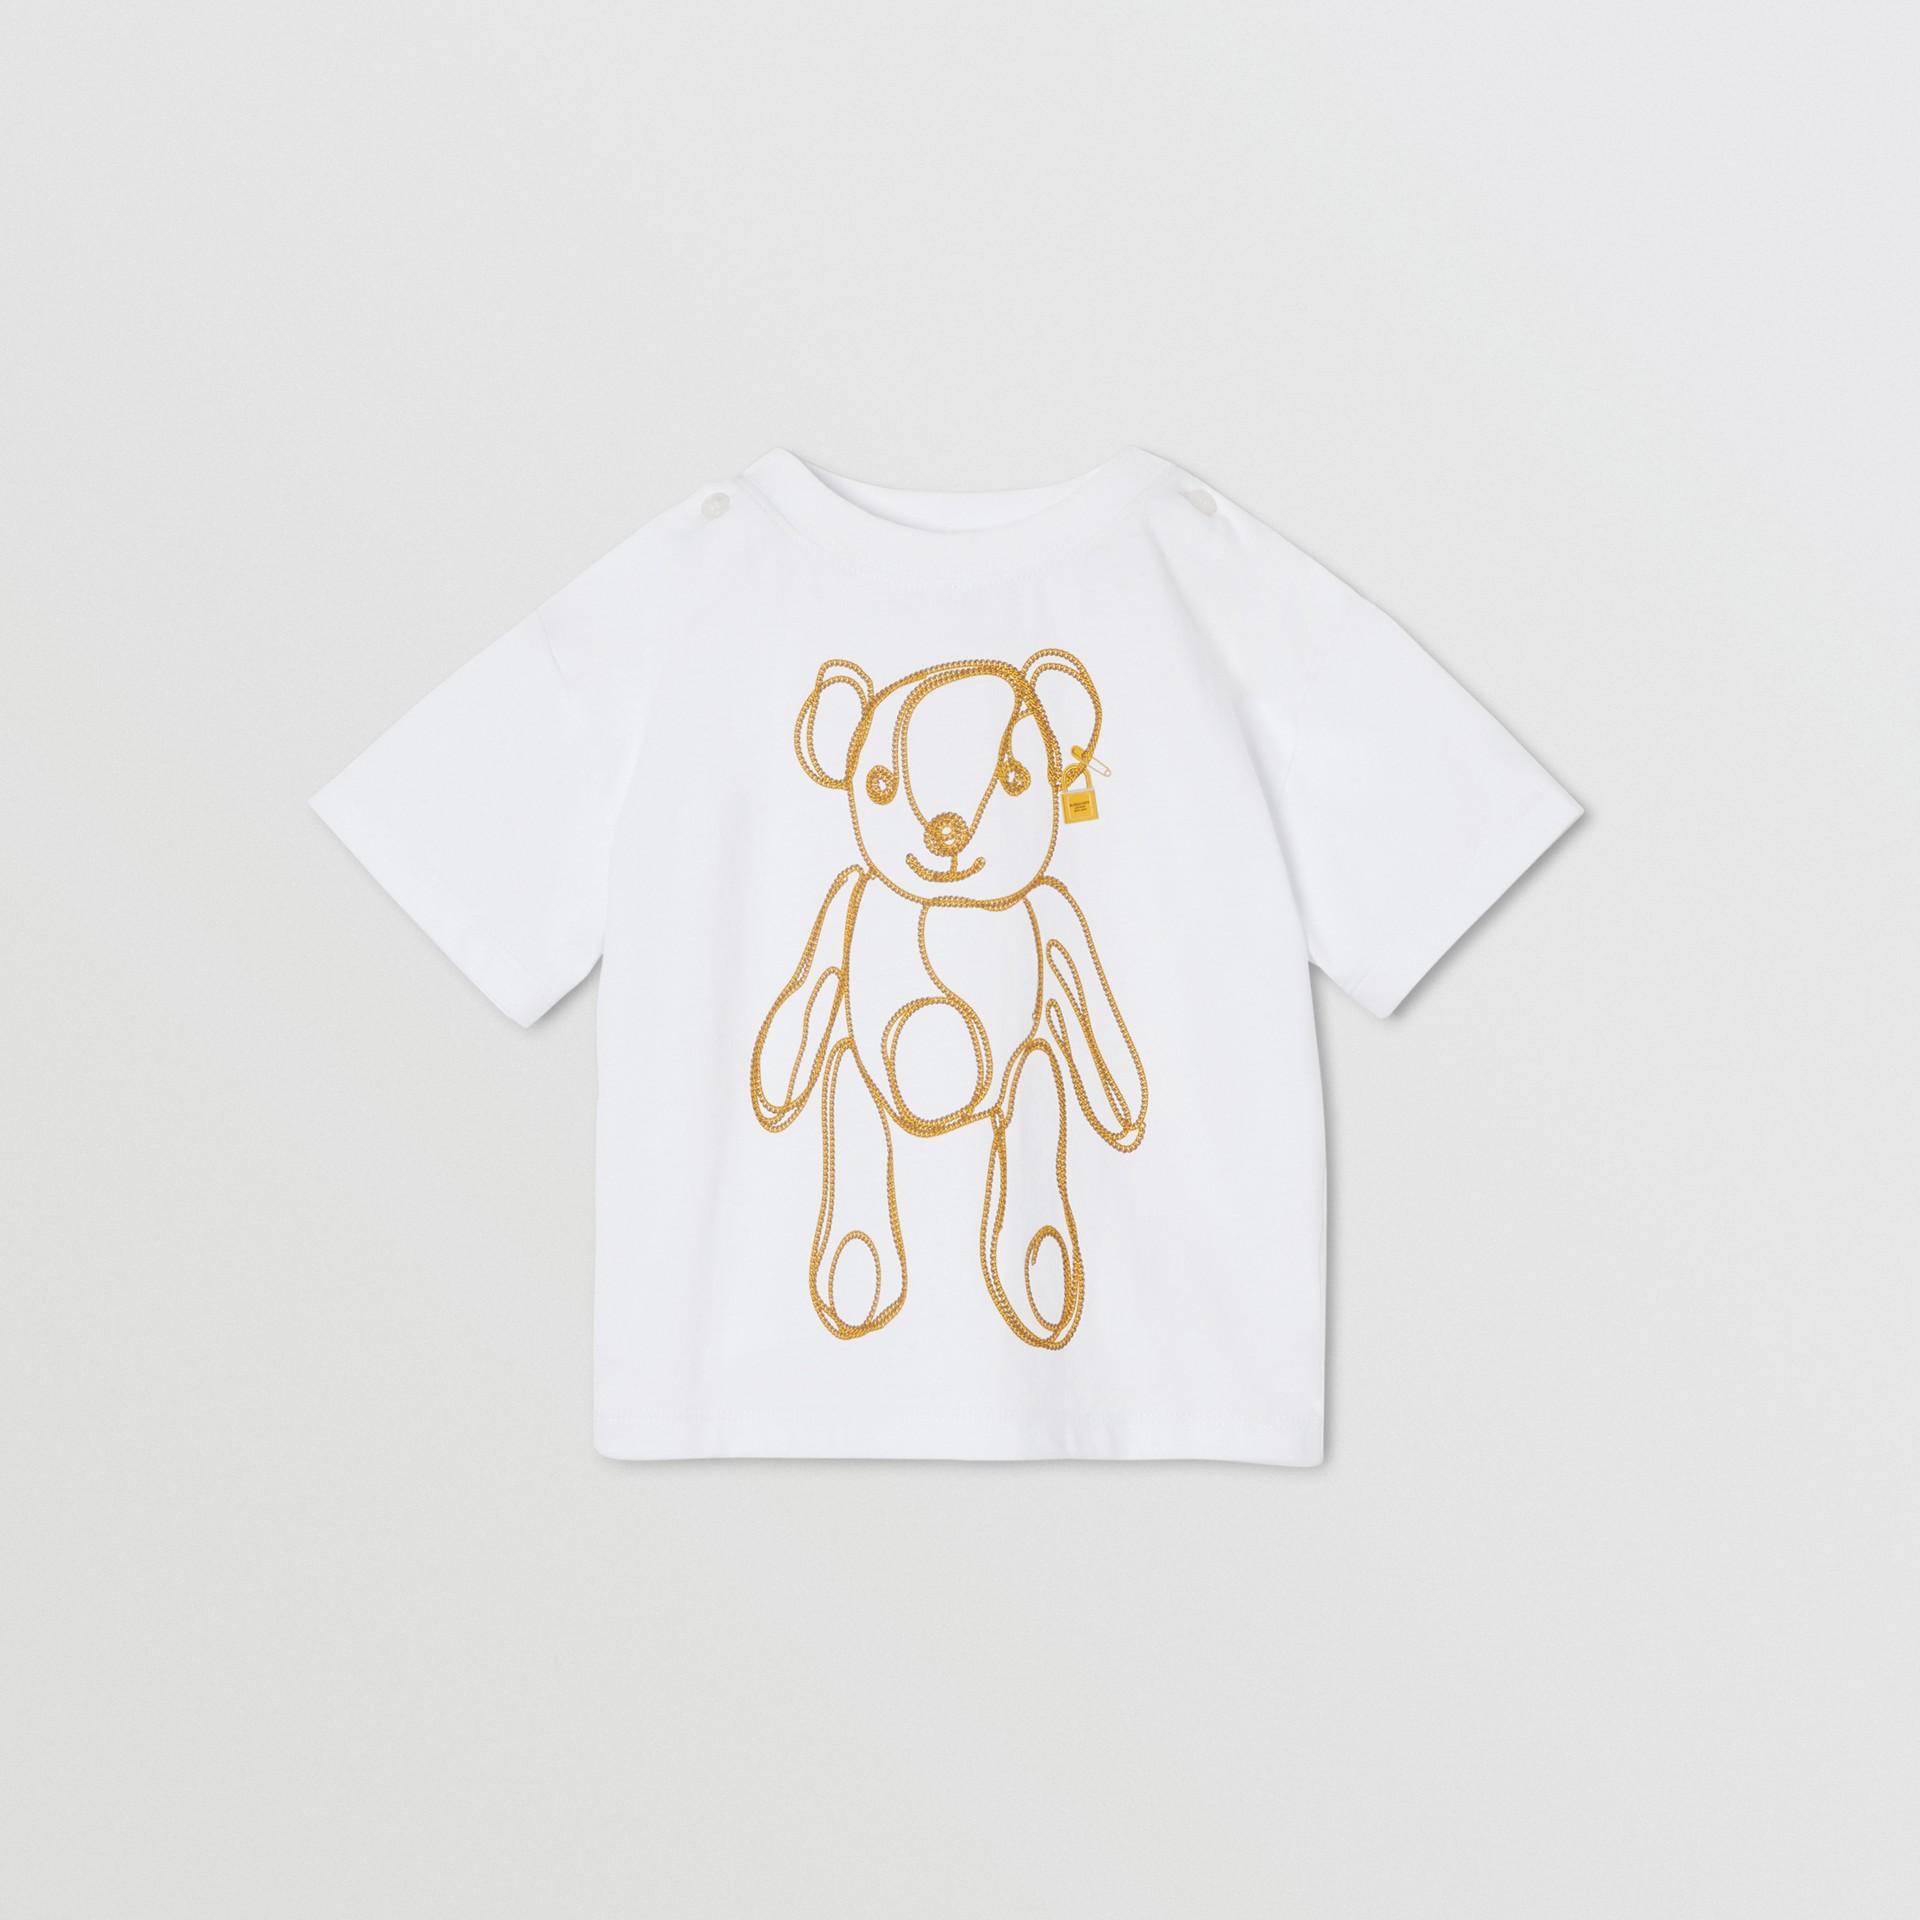 체인 프린트 코튼 티셔츠 (화이트) - 아동 | Burberry - 갤러리 이미지 0